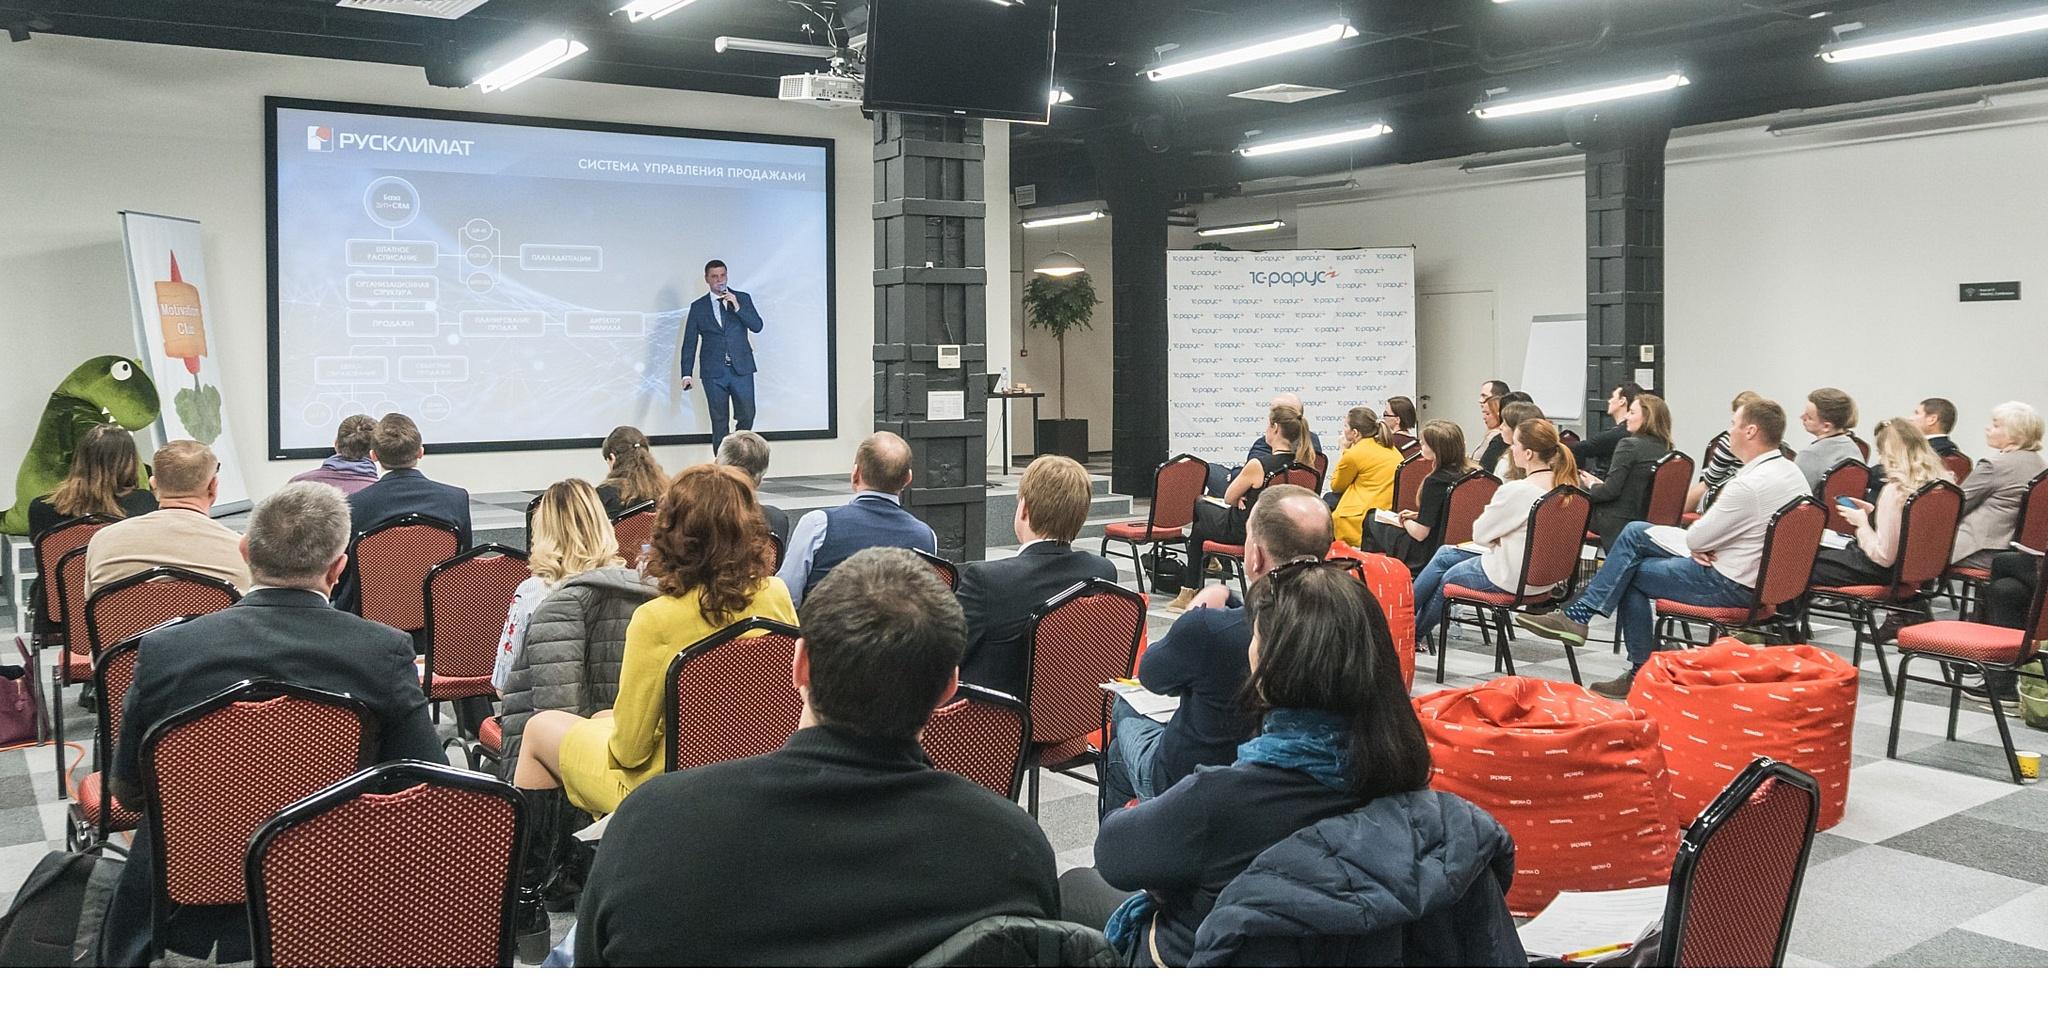 1С-Рарус. Запуск важных проектов: бизнес-встреча в Санкт-Петербурге